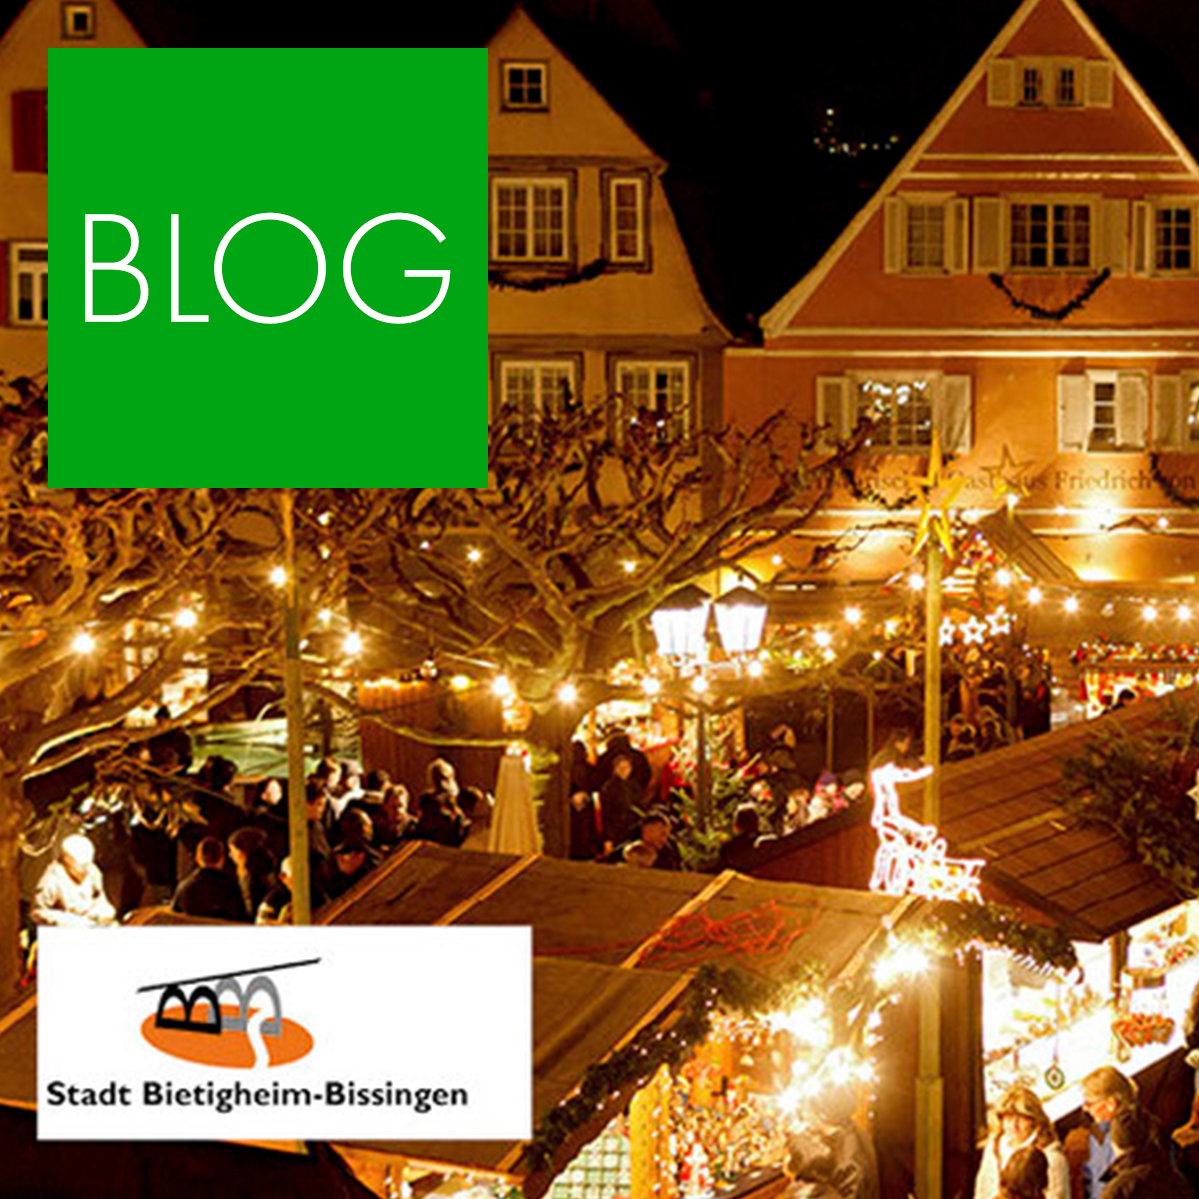 Blogpost: Weihnachtsaktion der Stadt Bietigheim-Bissingen